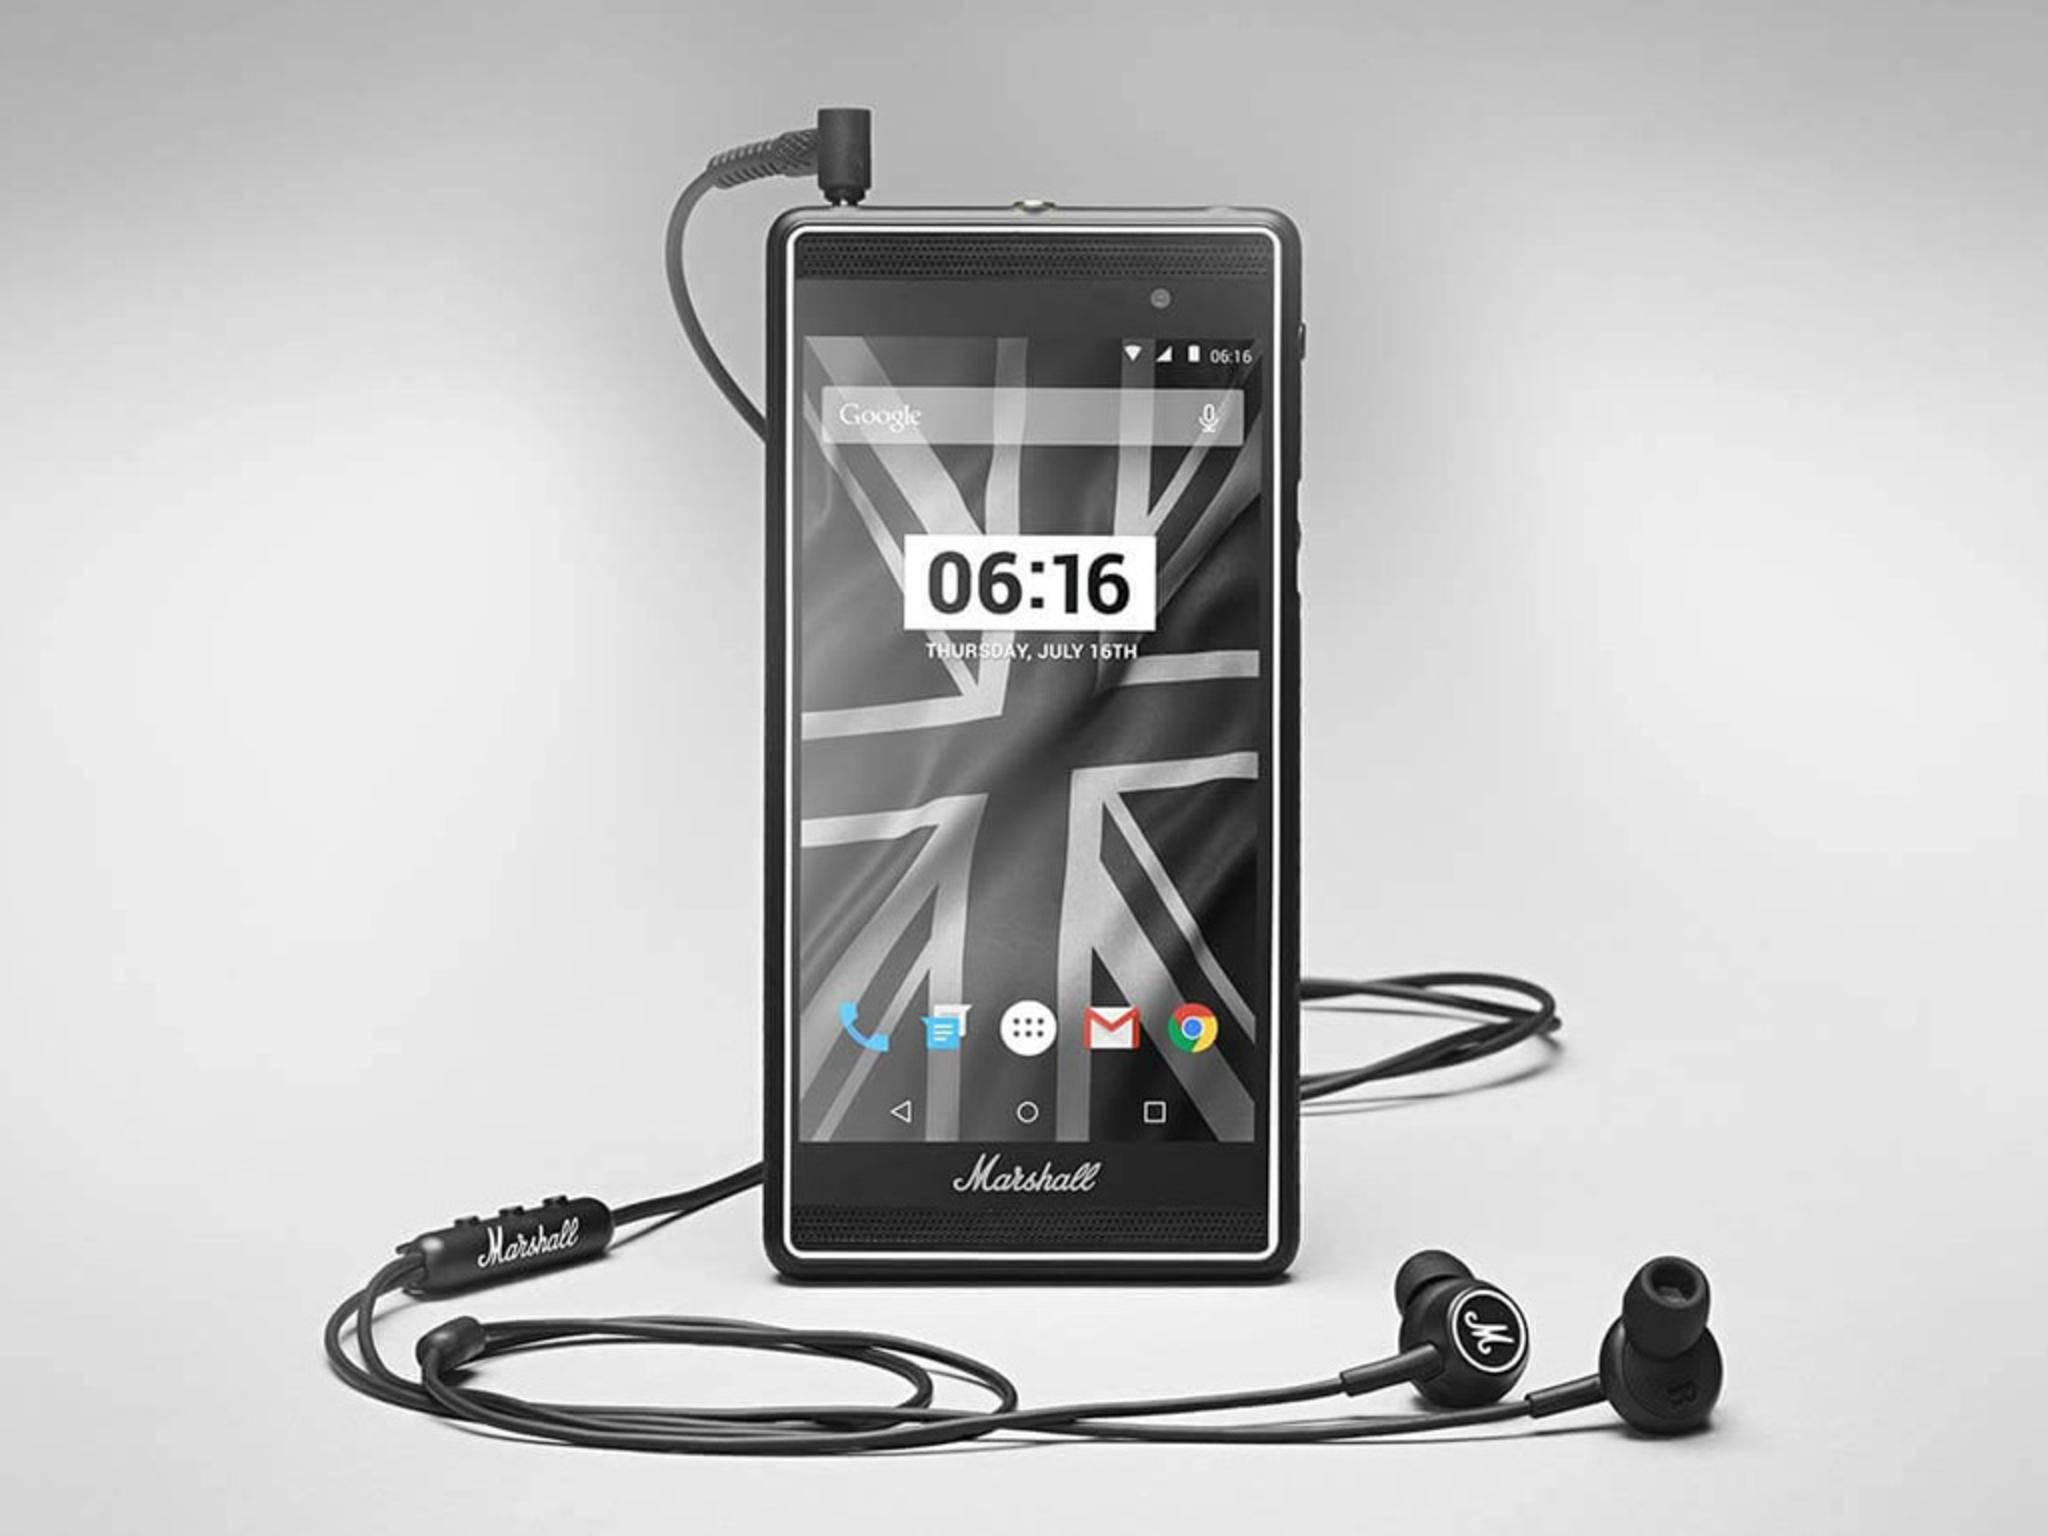 Erhältlich sein wird das Smartphone London ab dem 21. August für 549 Euro.